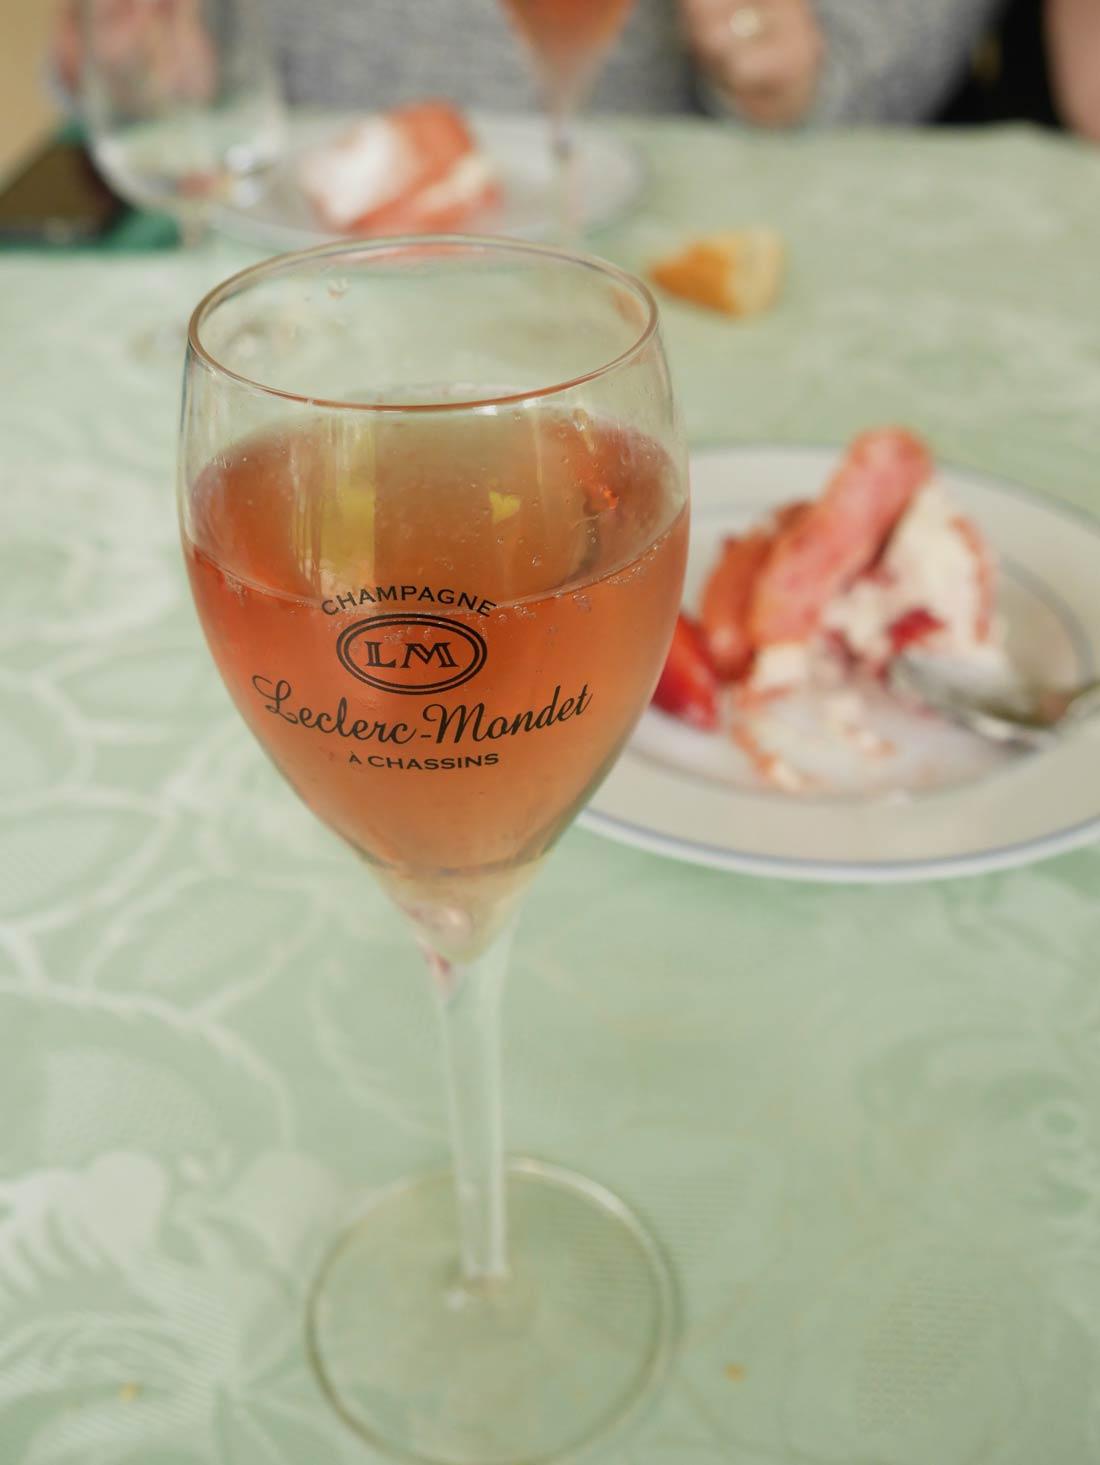 champagne rosé Leclerc Mondet